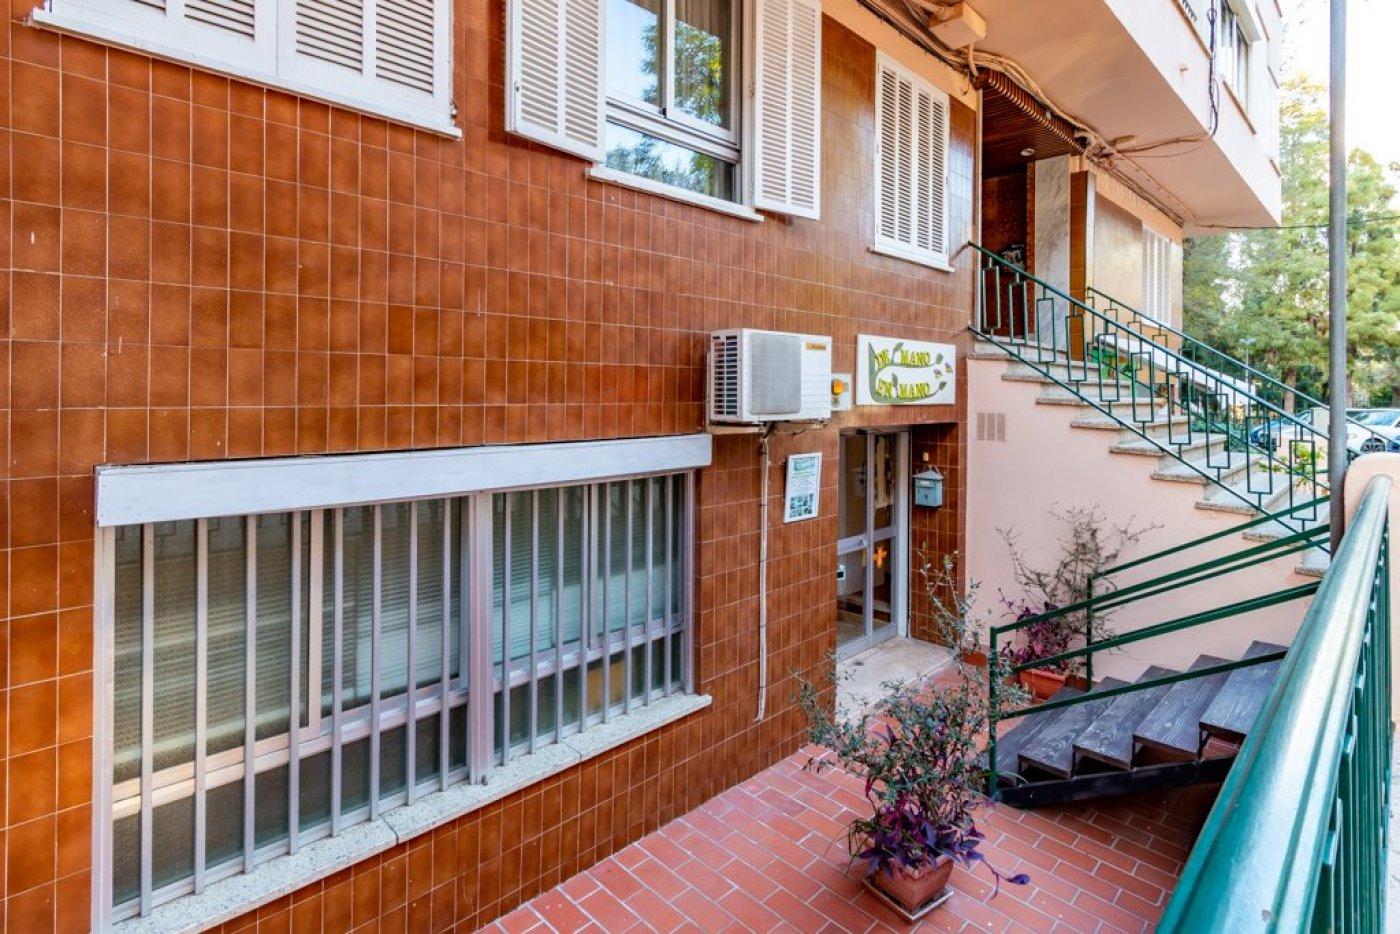 Local comercial-Venta-Palma de Mallorca-204072